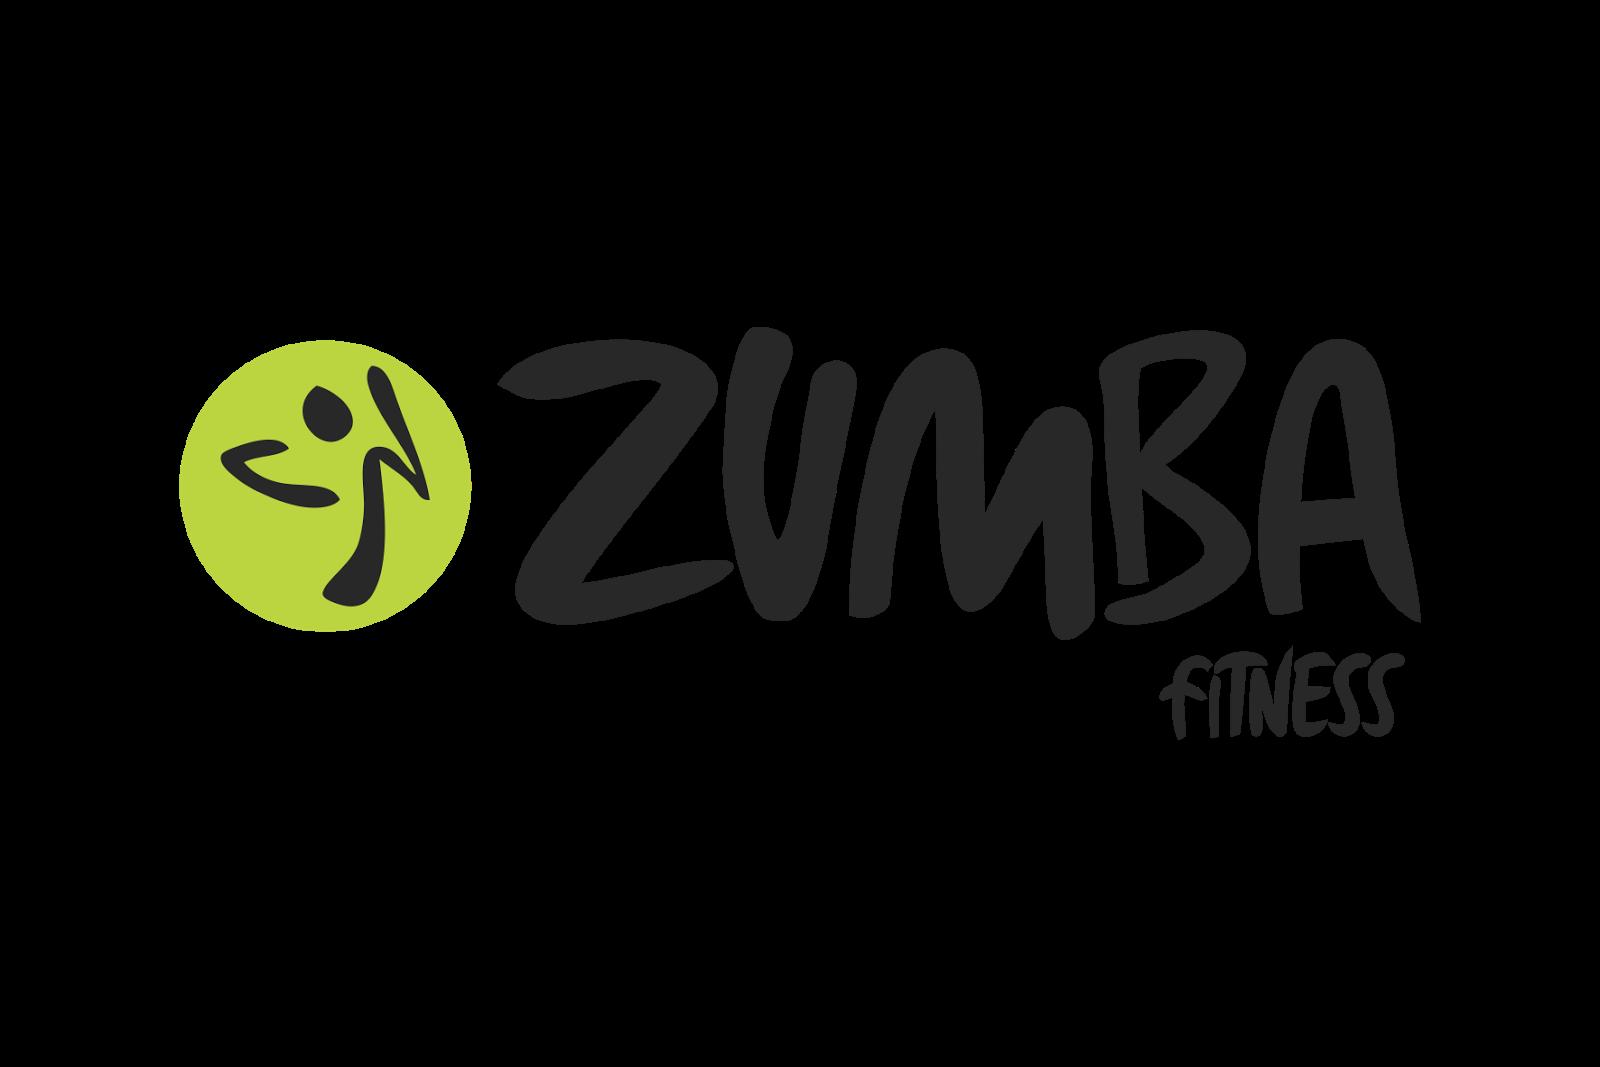 Zumba logos . Logo clipart fitness